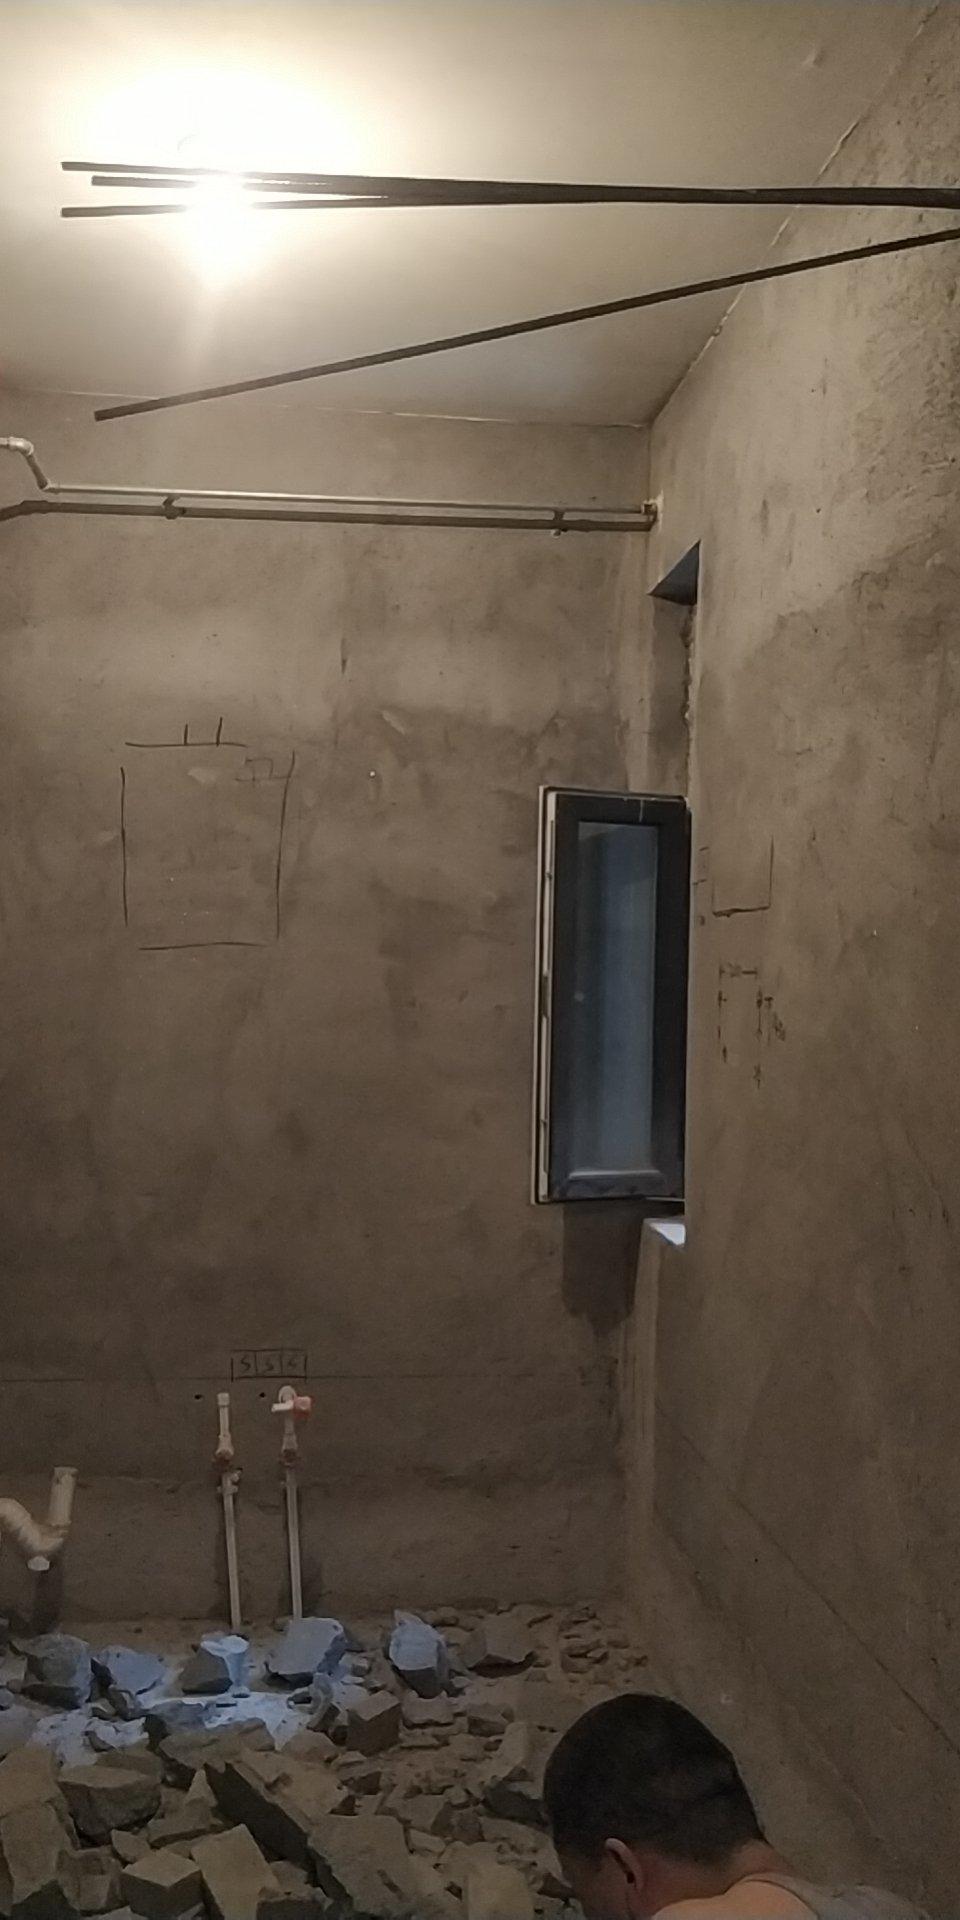 想把燃气热水器安装到左边墙,有什么好的方案?